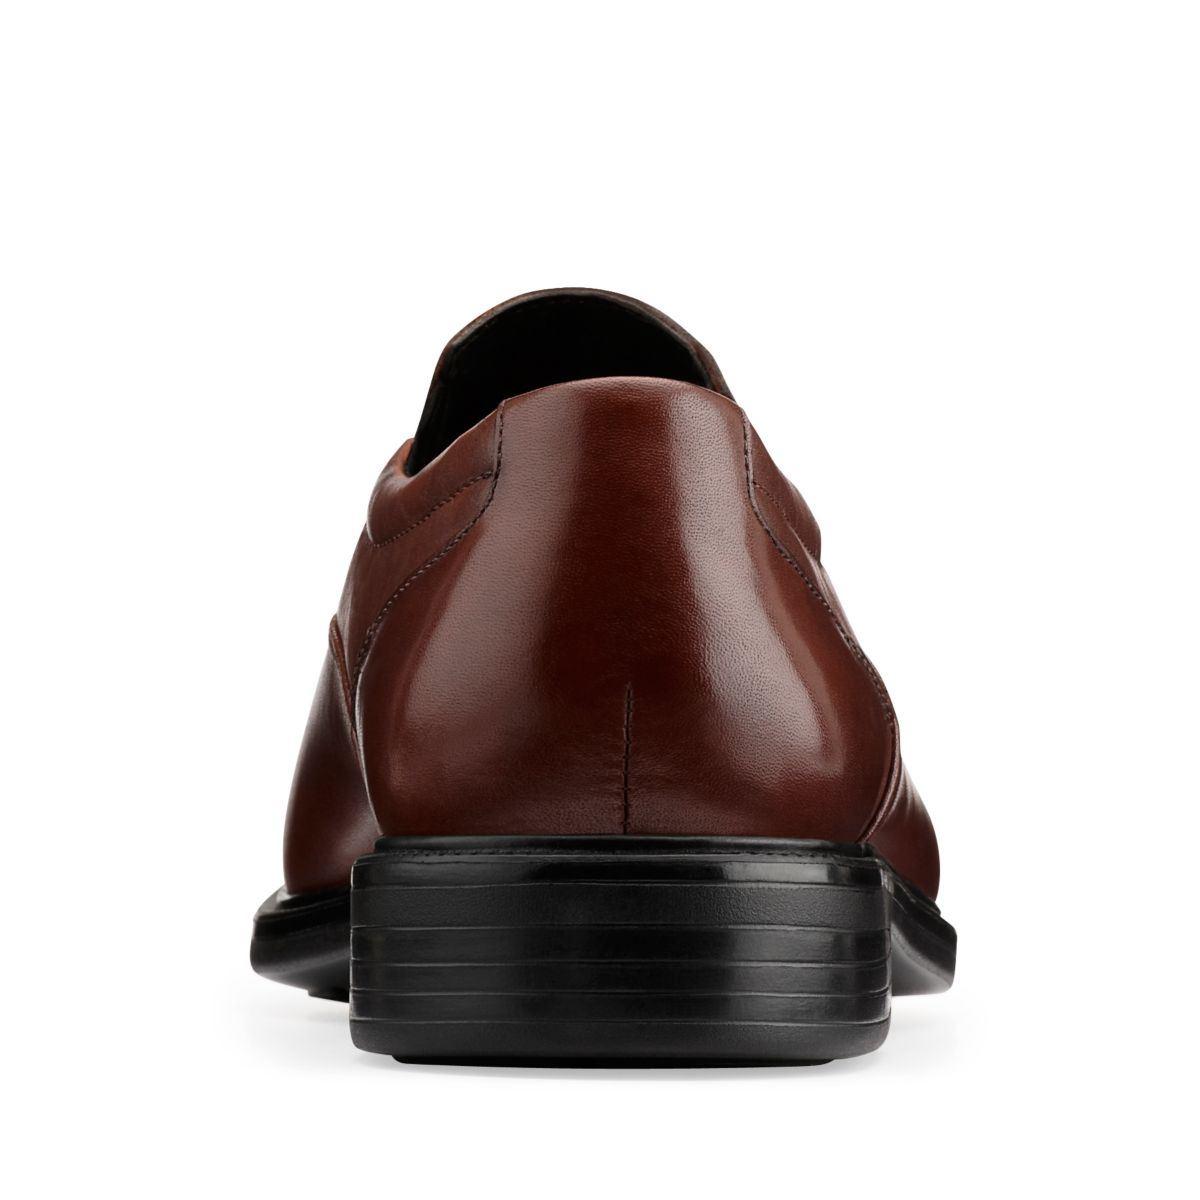 Clarks Shoe Shop Bolton